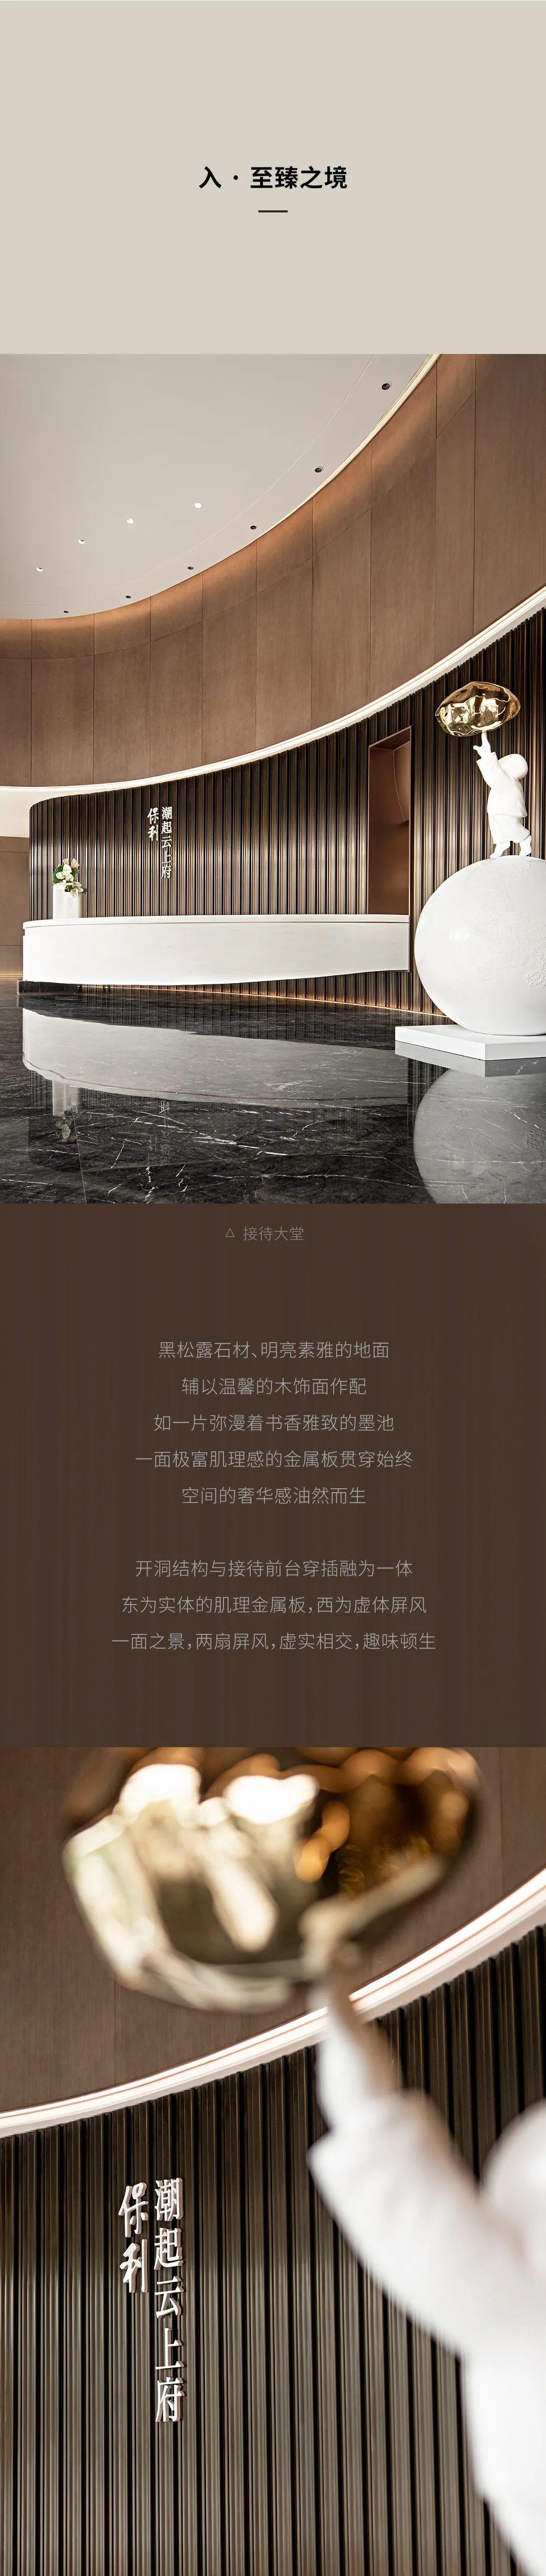 杭州保利·潮起云上府 演绎新浪潮时代之美-梁志天SL2.0作品